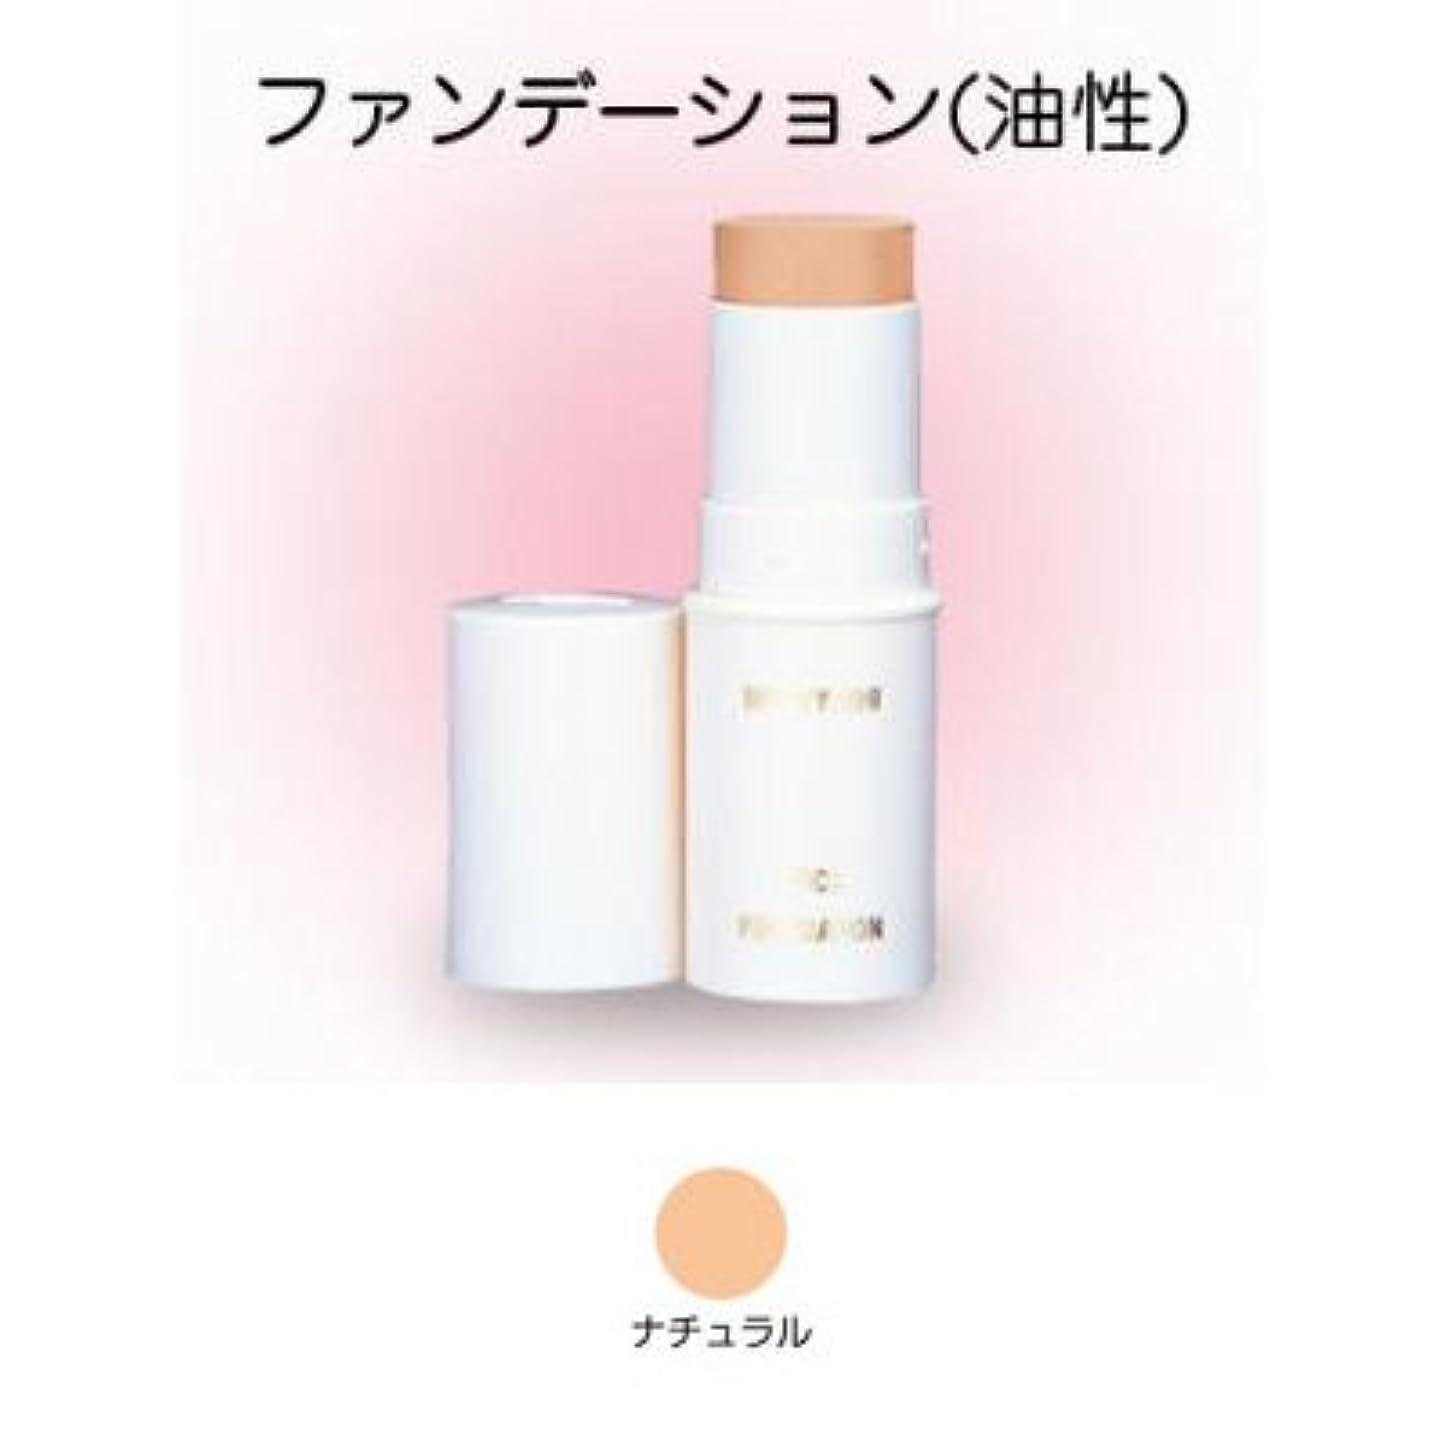 入射汚れるチップスティックファンデーション 16g ナチュラル 【三善】